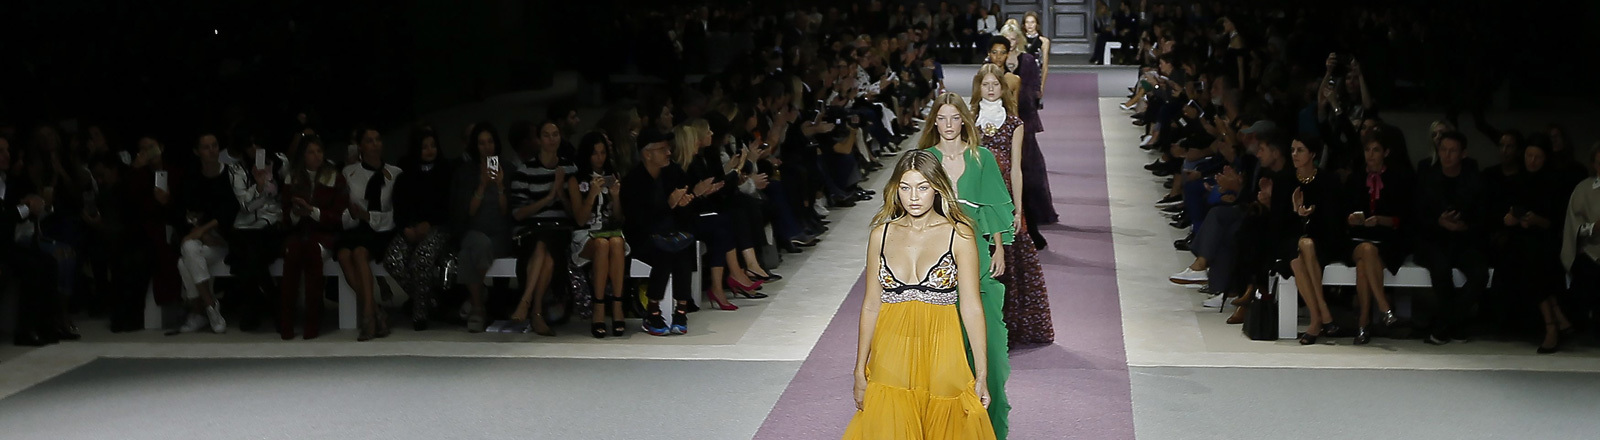 Bei der Fashions Week in Paris (Oktober 2015) laufen verschiedene Model. Als erste Gigi Hadid. Links und rechts sitzt zahlreiches Publikum.